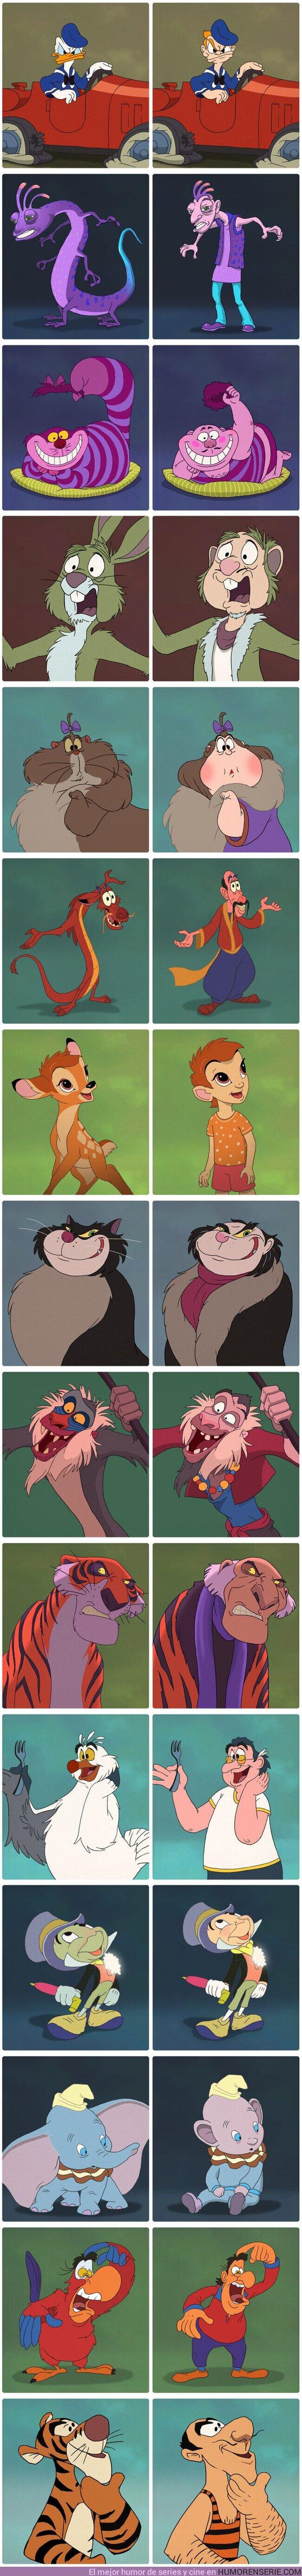 60019 - GALERÍA: Así se verían 15 personajes de Disney si fueran humanos